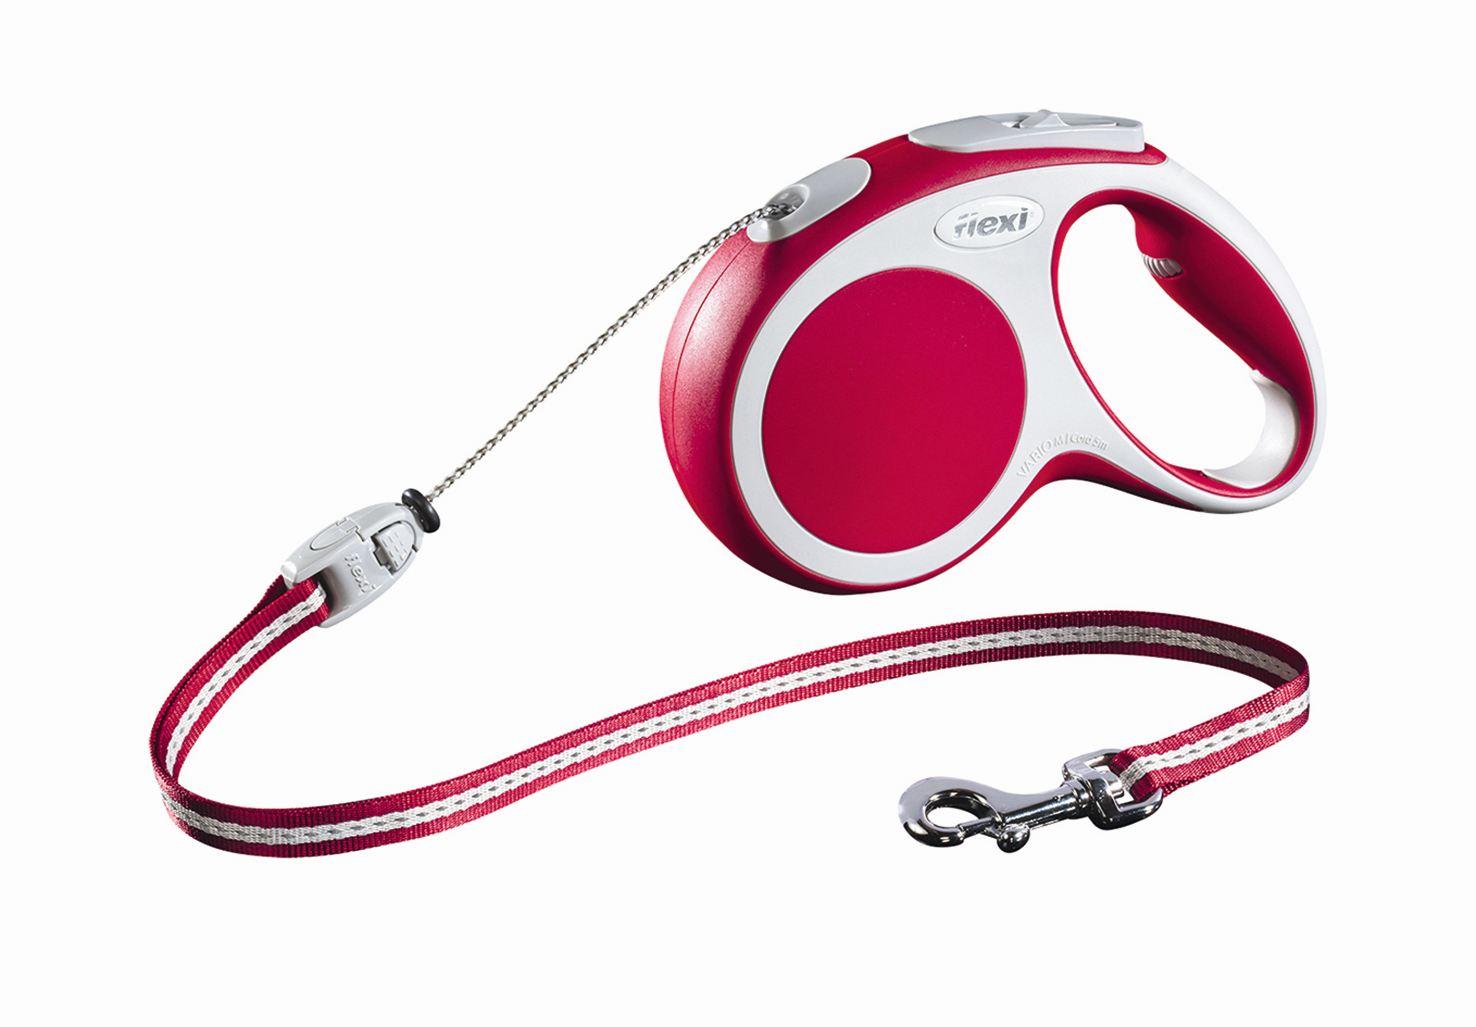 Поводок-рулетка Flexi Vario Basic М для собак до 20 кг, цвет: красный, 5 м019214Поводок-рулетка Flexi Vario Basic М изготовлен из пластика и нейлона. Тросовый поводок обеспечивает каждой собаке свободу движения, что идет на пользу здоровью и радует вашего четвероногого друга. Рулетка очень проста в использовании, оснащена кнопками кратковременной и постоянной фиксации. Ее можно оснастить - мультибоксом для лакомств или пакетиков для сбора фекалий, LED подсветкой корпуса, своркой или ремнем с LED подсветкой. Поводок имеет прочный корпус, хромированную застежку и светоотражающие элементы. Длина поводка: 5 м. Максимальная нагрузка: 20 кг. Товар сертифицирован.